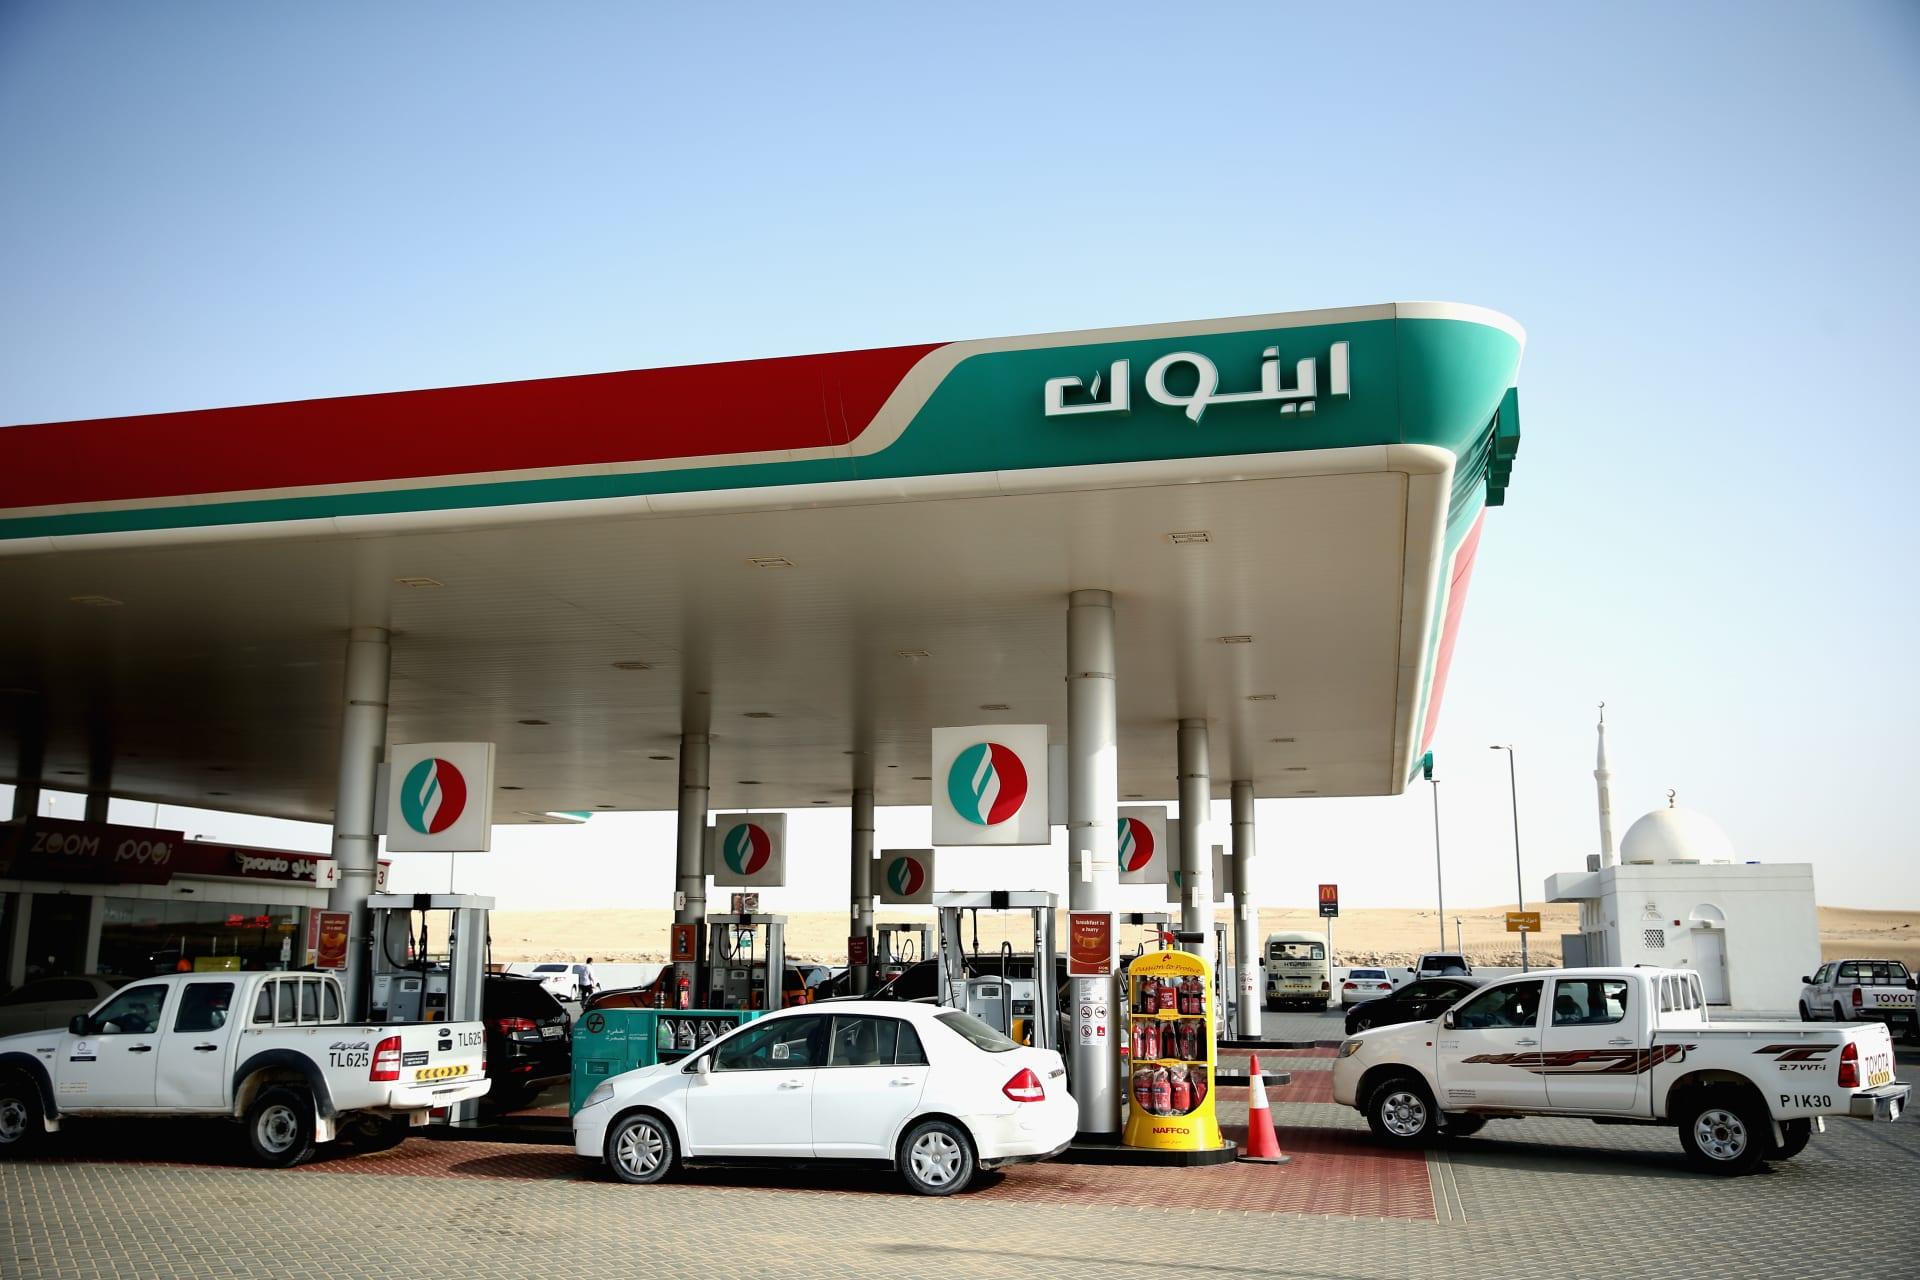 تم التقاط صورة لمحطة وقود إينوك في 6 سبتمبر 2015 في دبي ، الإمارات العربية المتحدة.